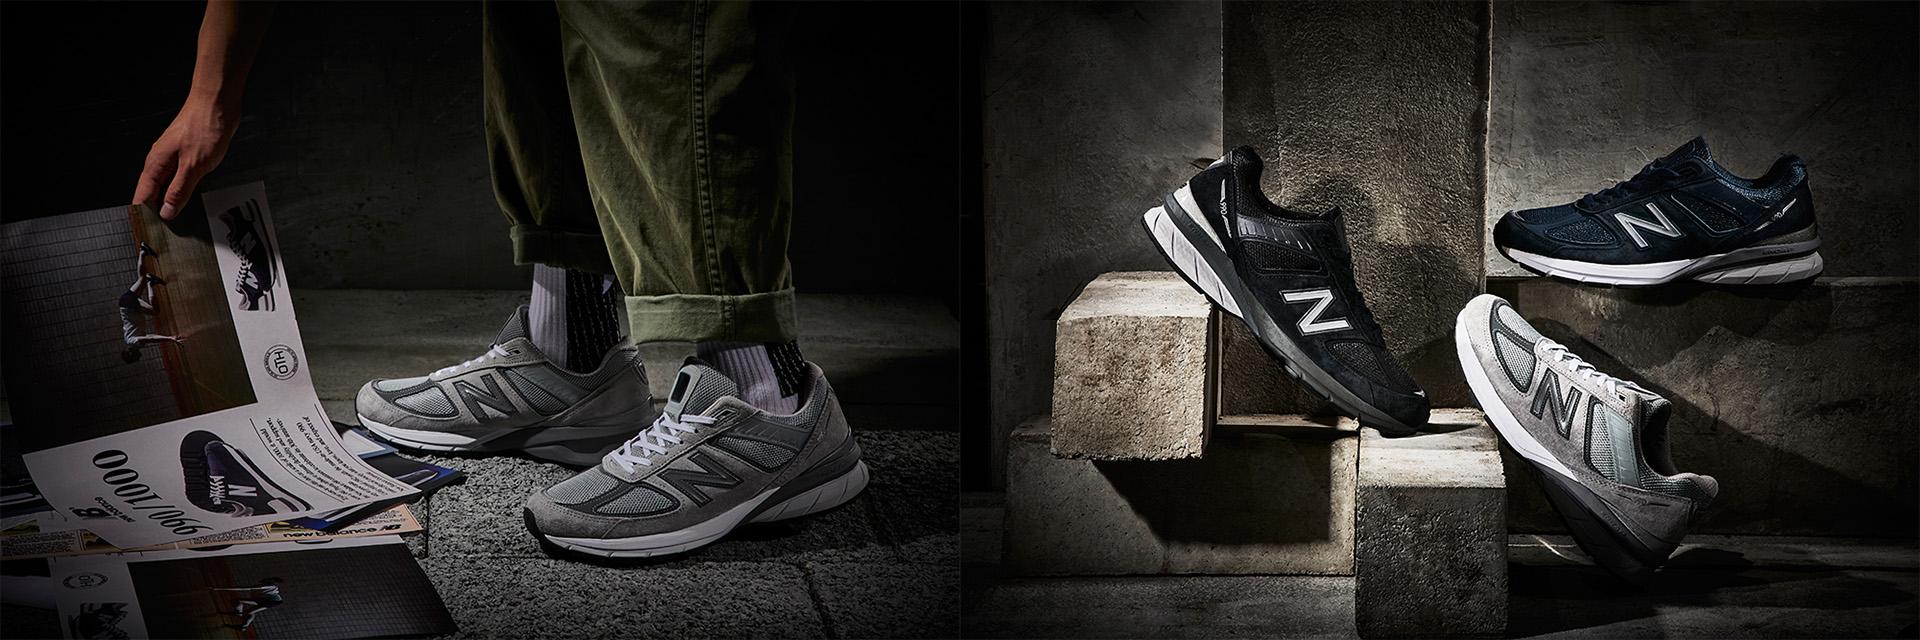 真正的老爹鞋王!New Balance 990 系列不只是余文樂的愛鞋,它的歷史更是精彩